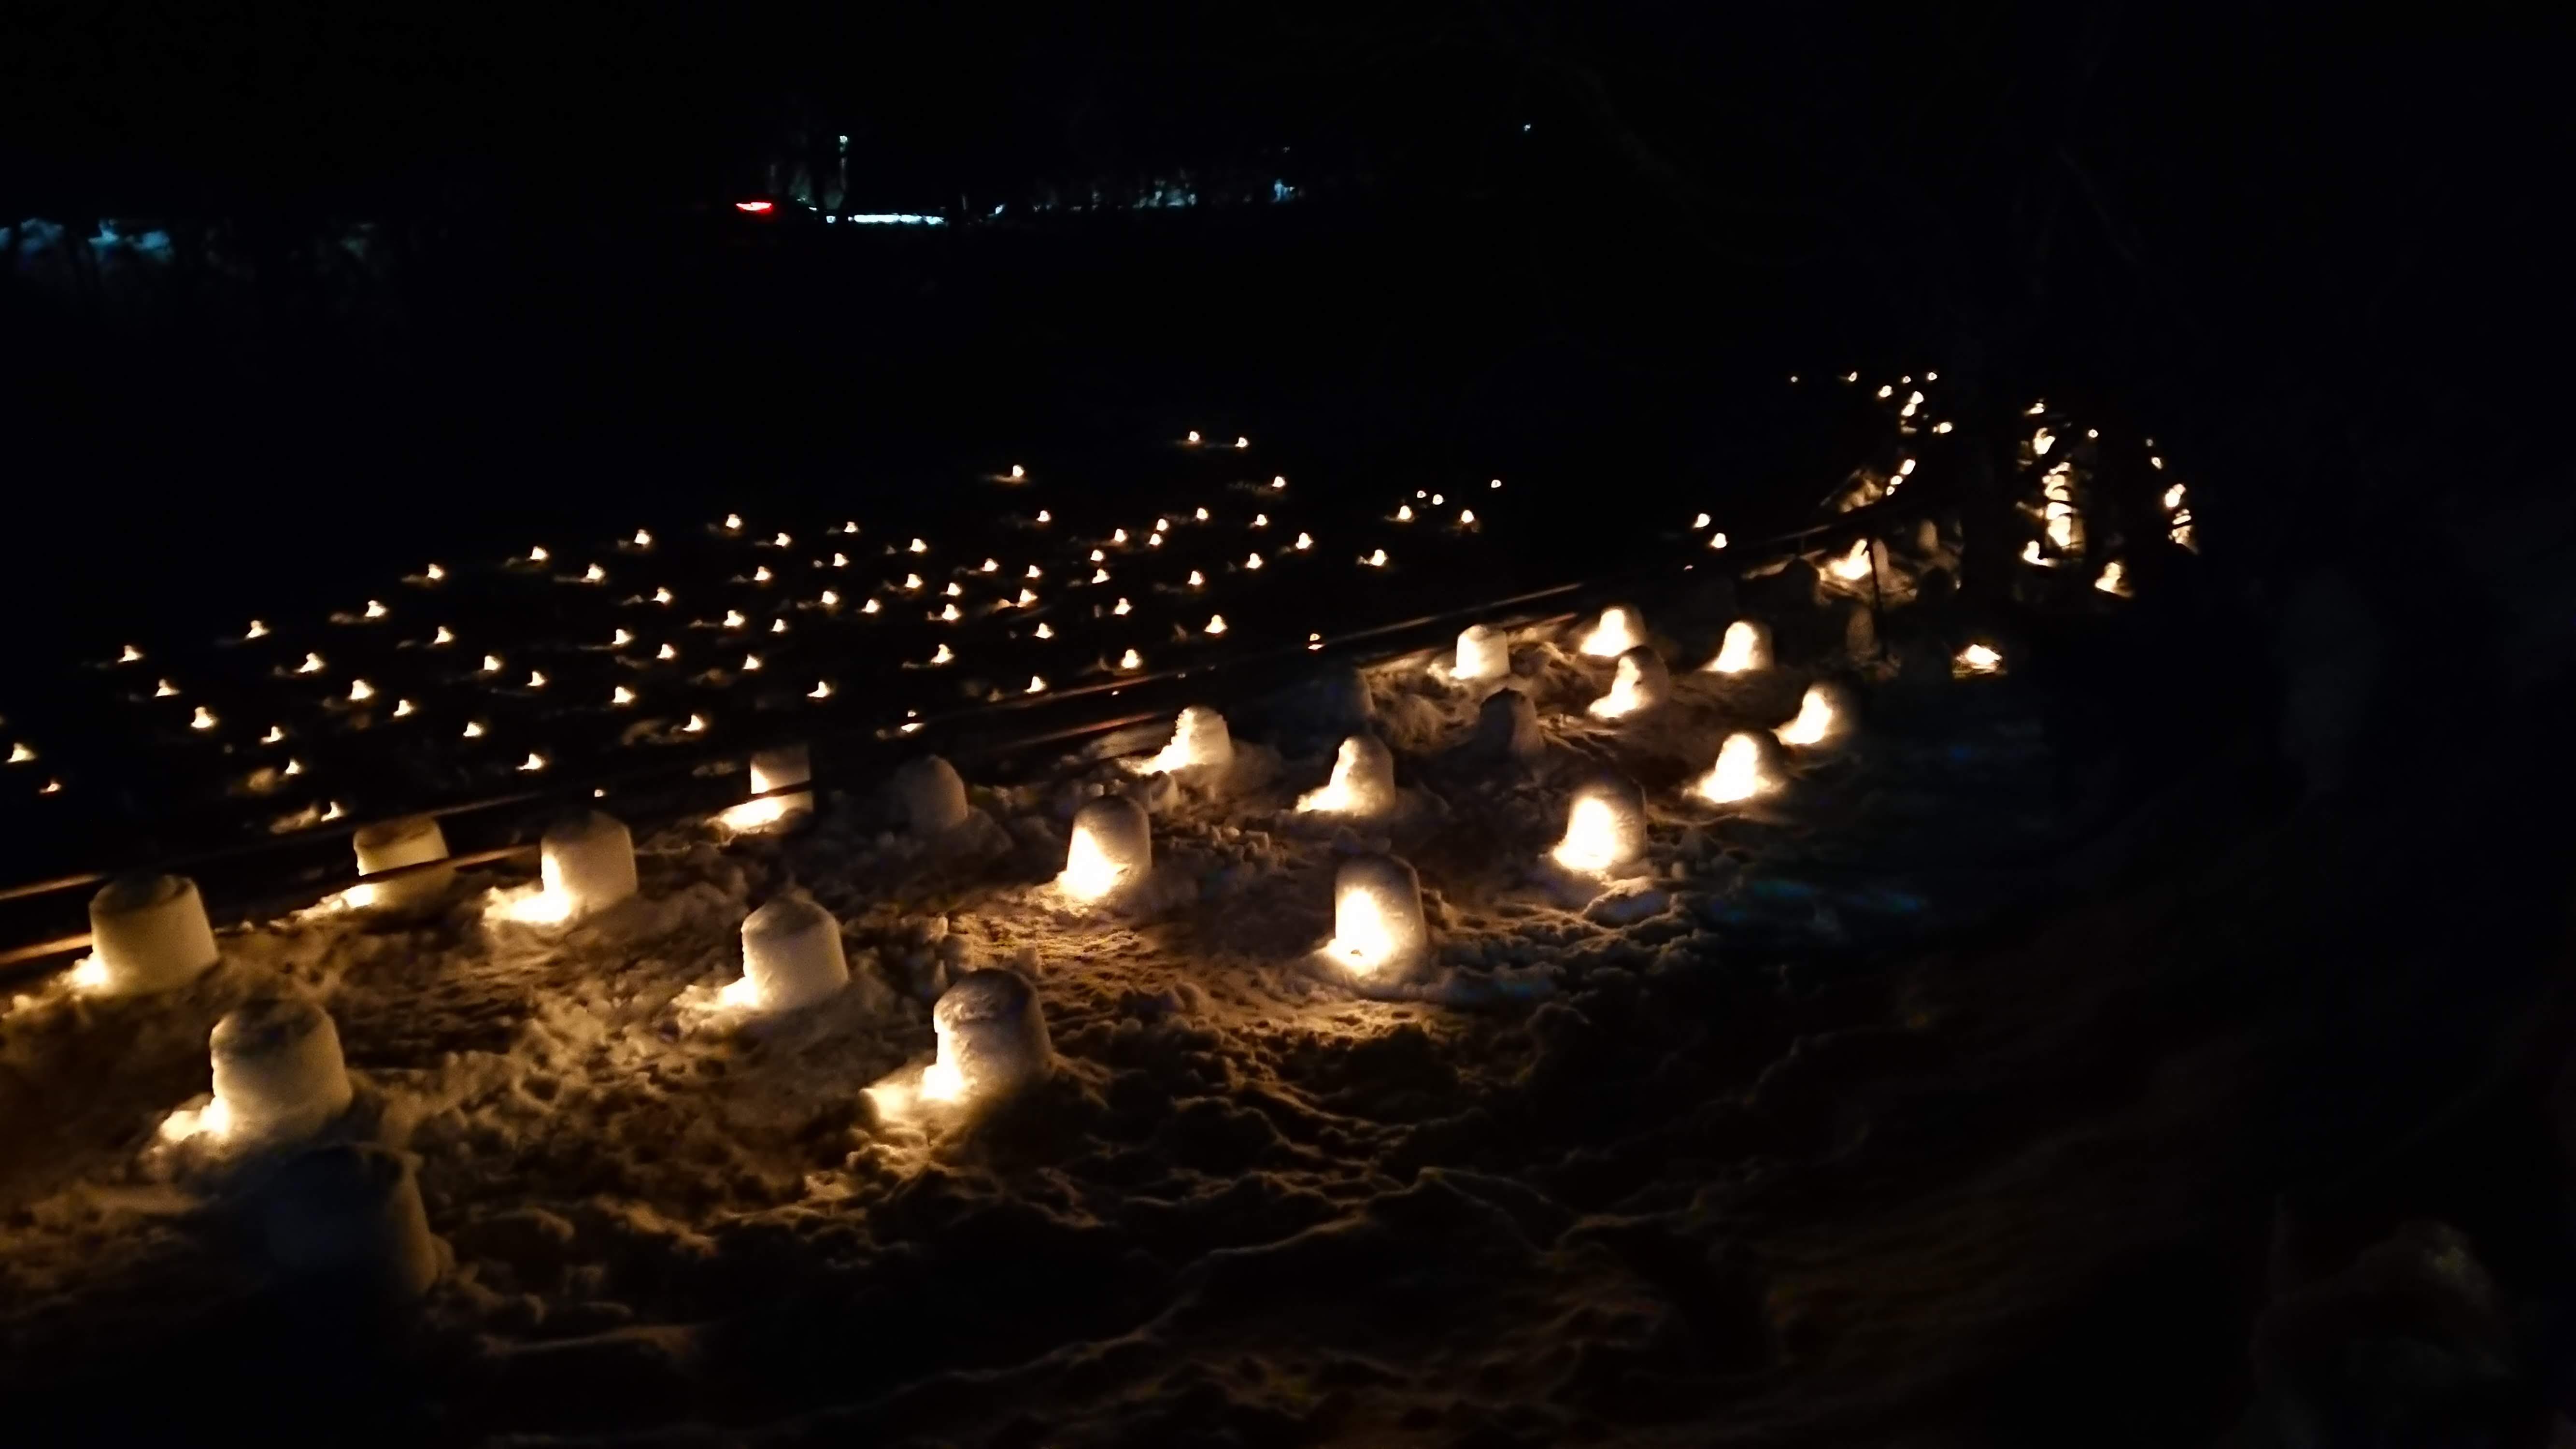 湯西川温泉のかまくら祭会場